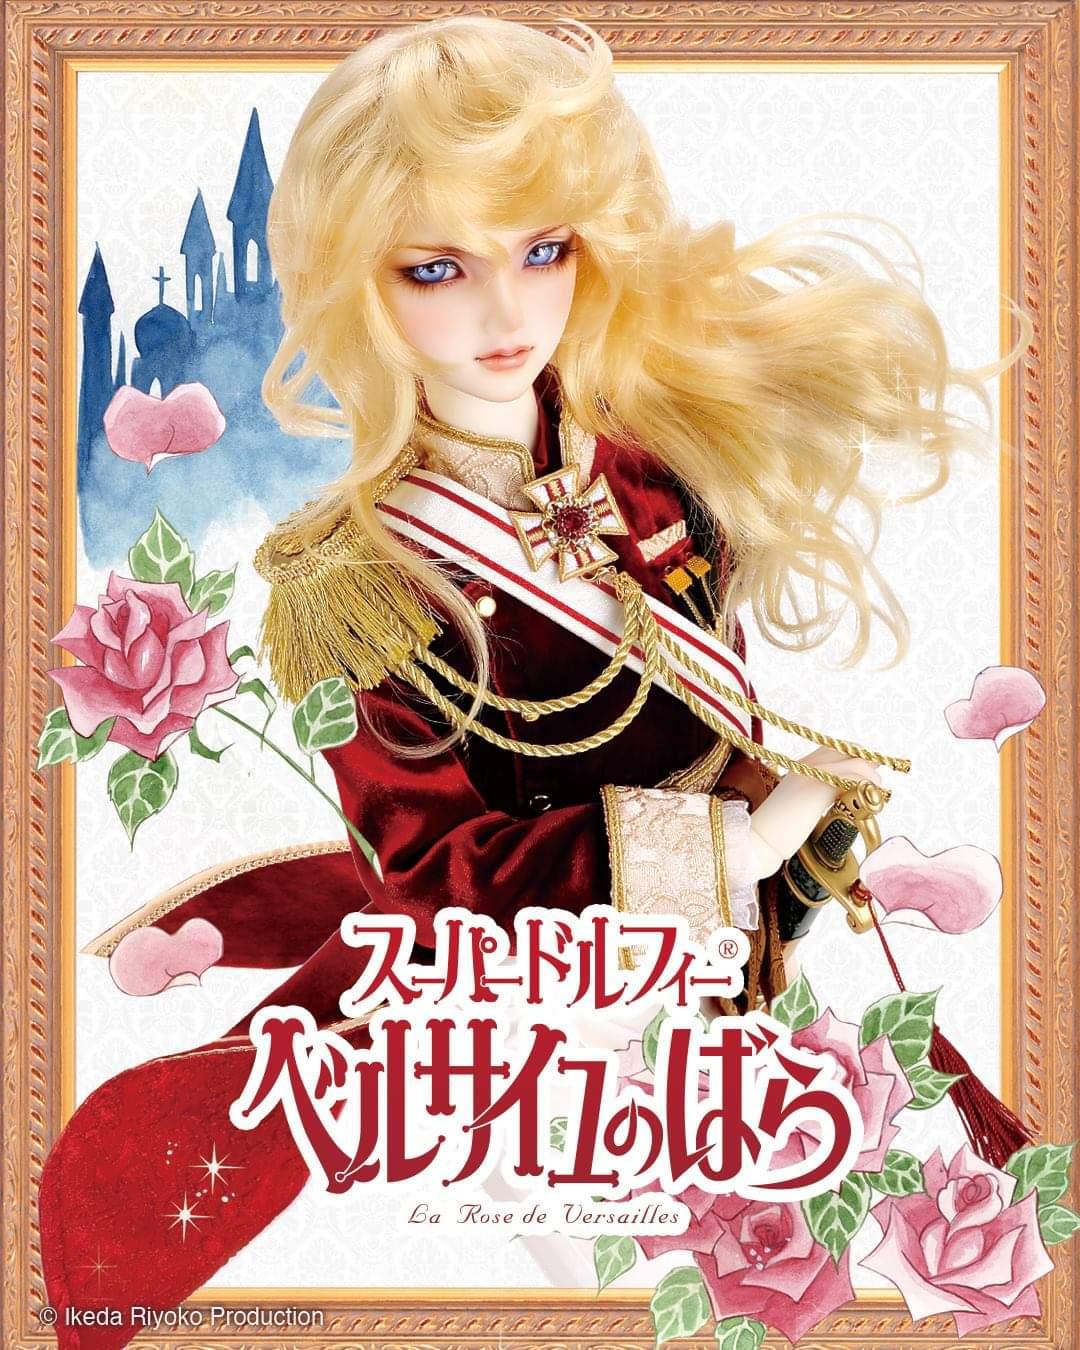 [Super Dollfie] La Rose de Versailles - Lady Oscar & André Fb_img16